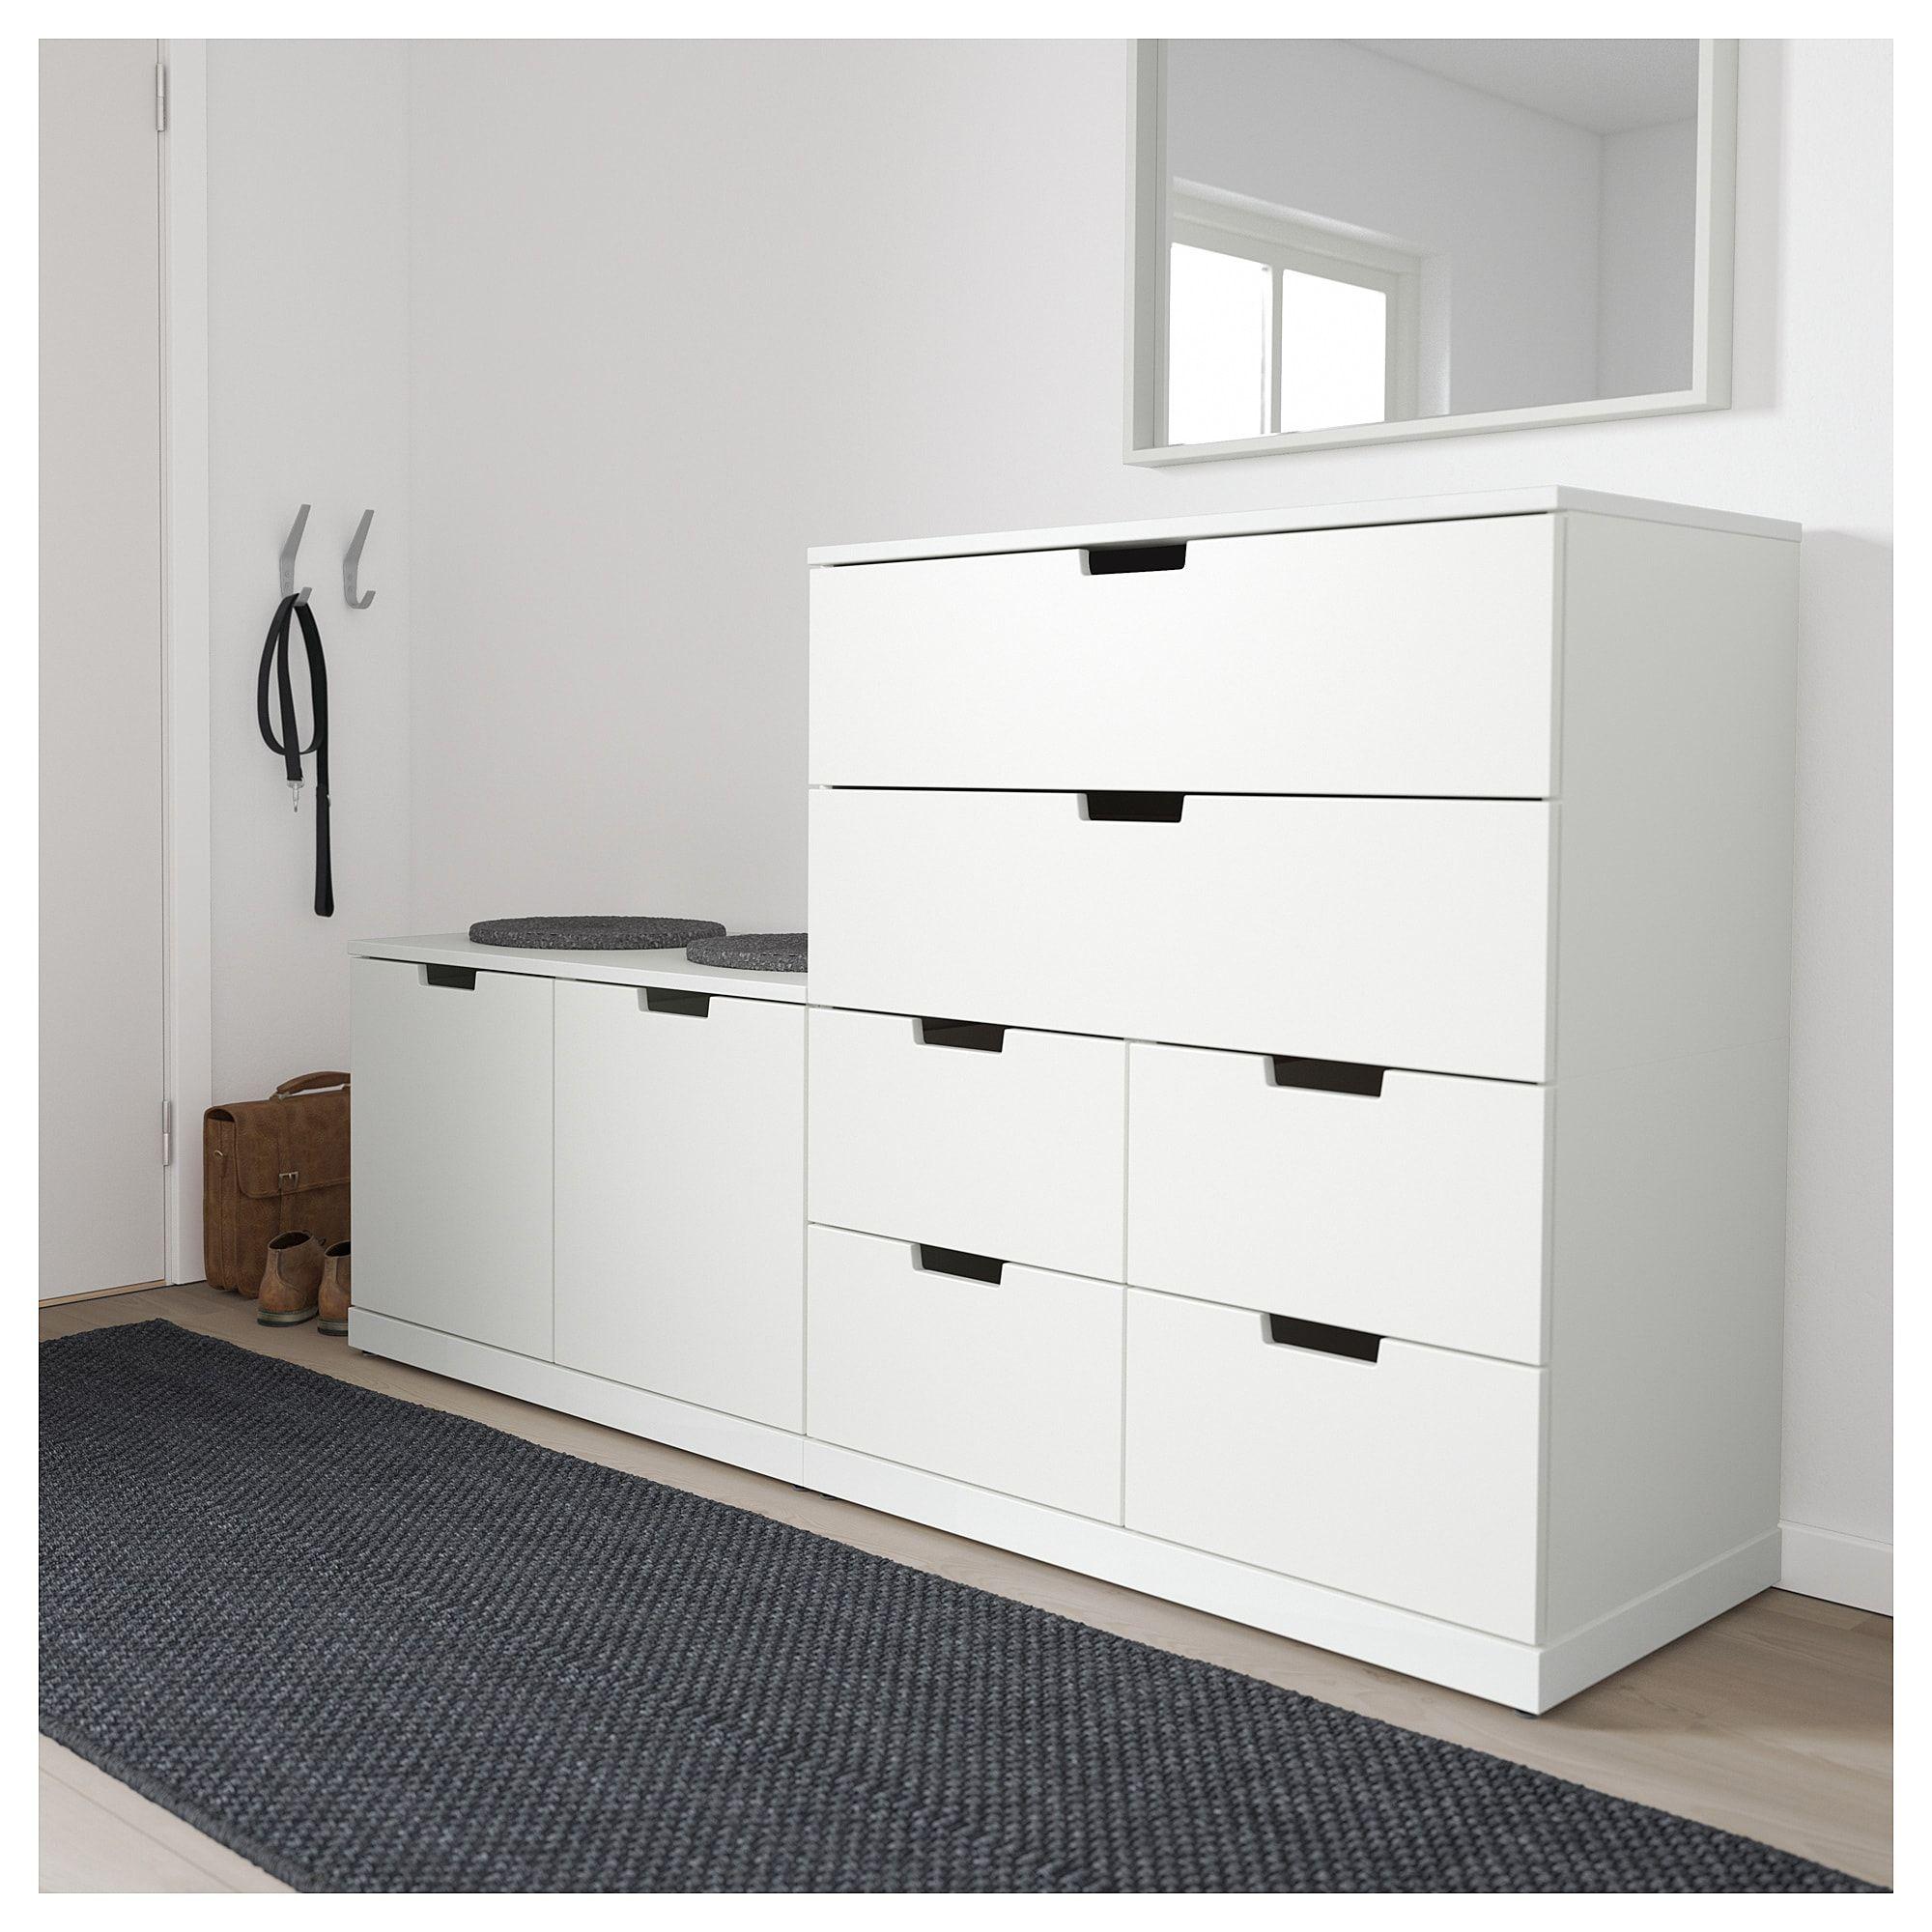 Furniture Home Furnishings Find Your Inspiration Dresser Drawers 8 Drawer Dresser Ikea Nordli